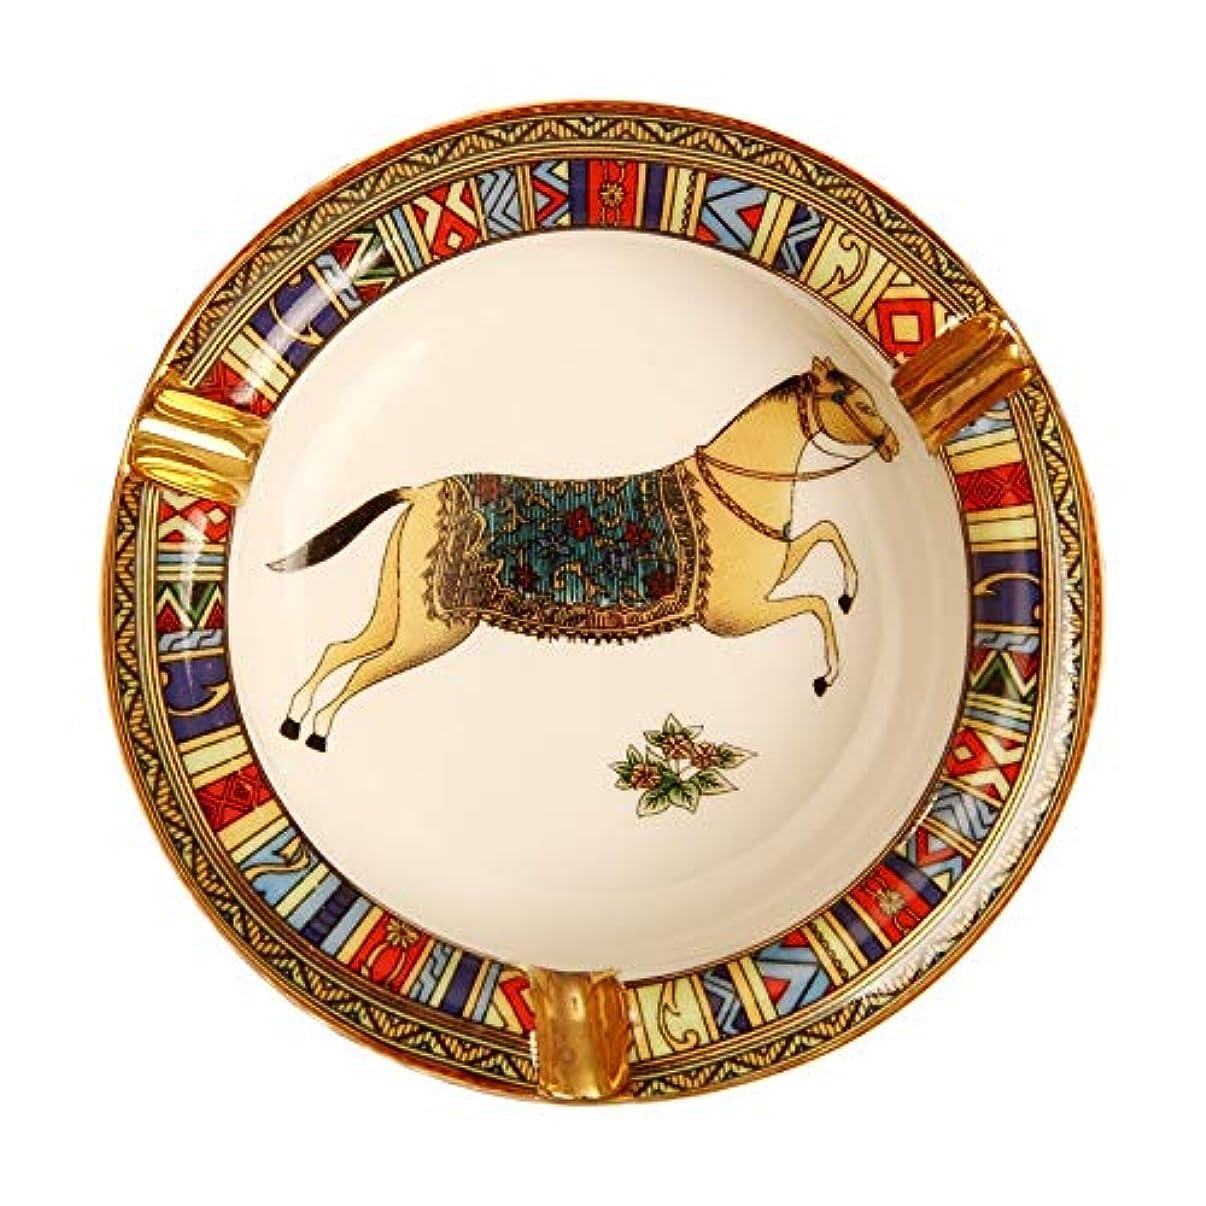 必要ないタオル物理的にホーム/オフィス/バーの装飾のための高級ラウンド馬のパターンセラミックシガー灰皿クリエイティブ卓上たばこ灰皿